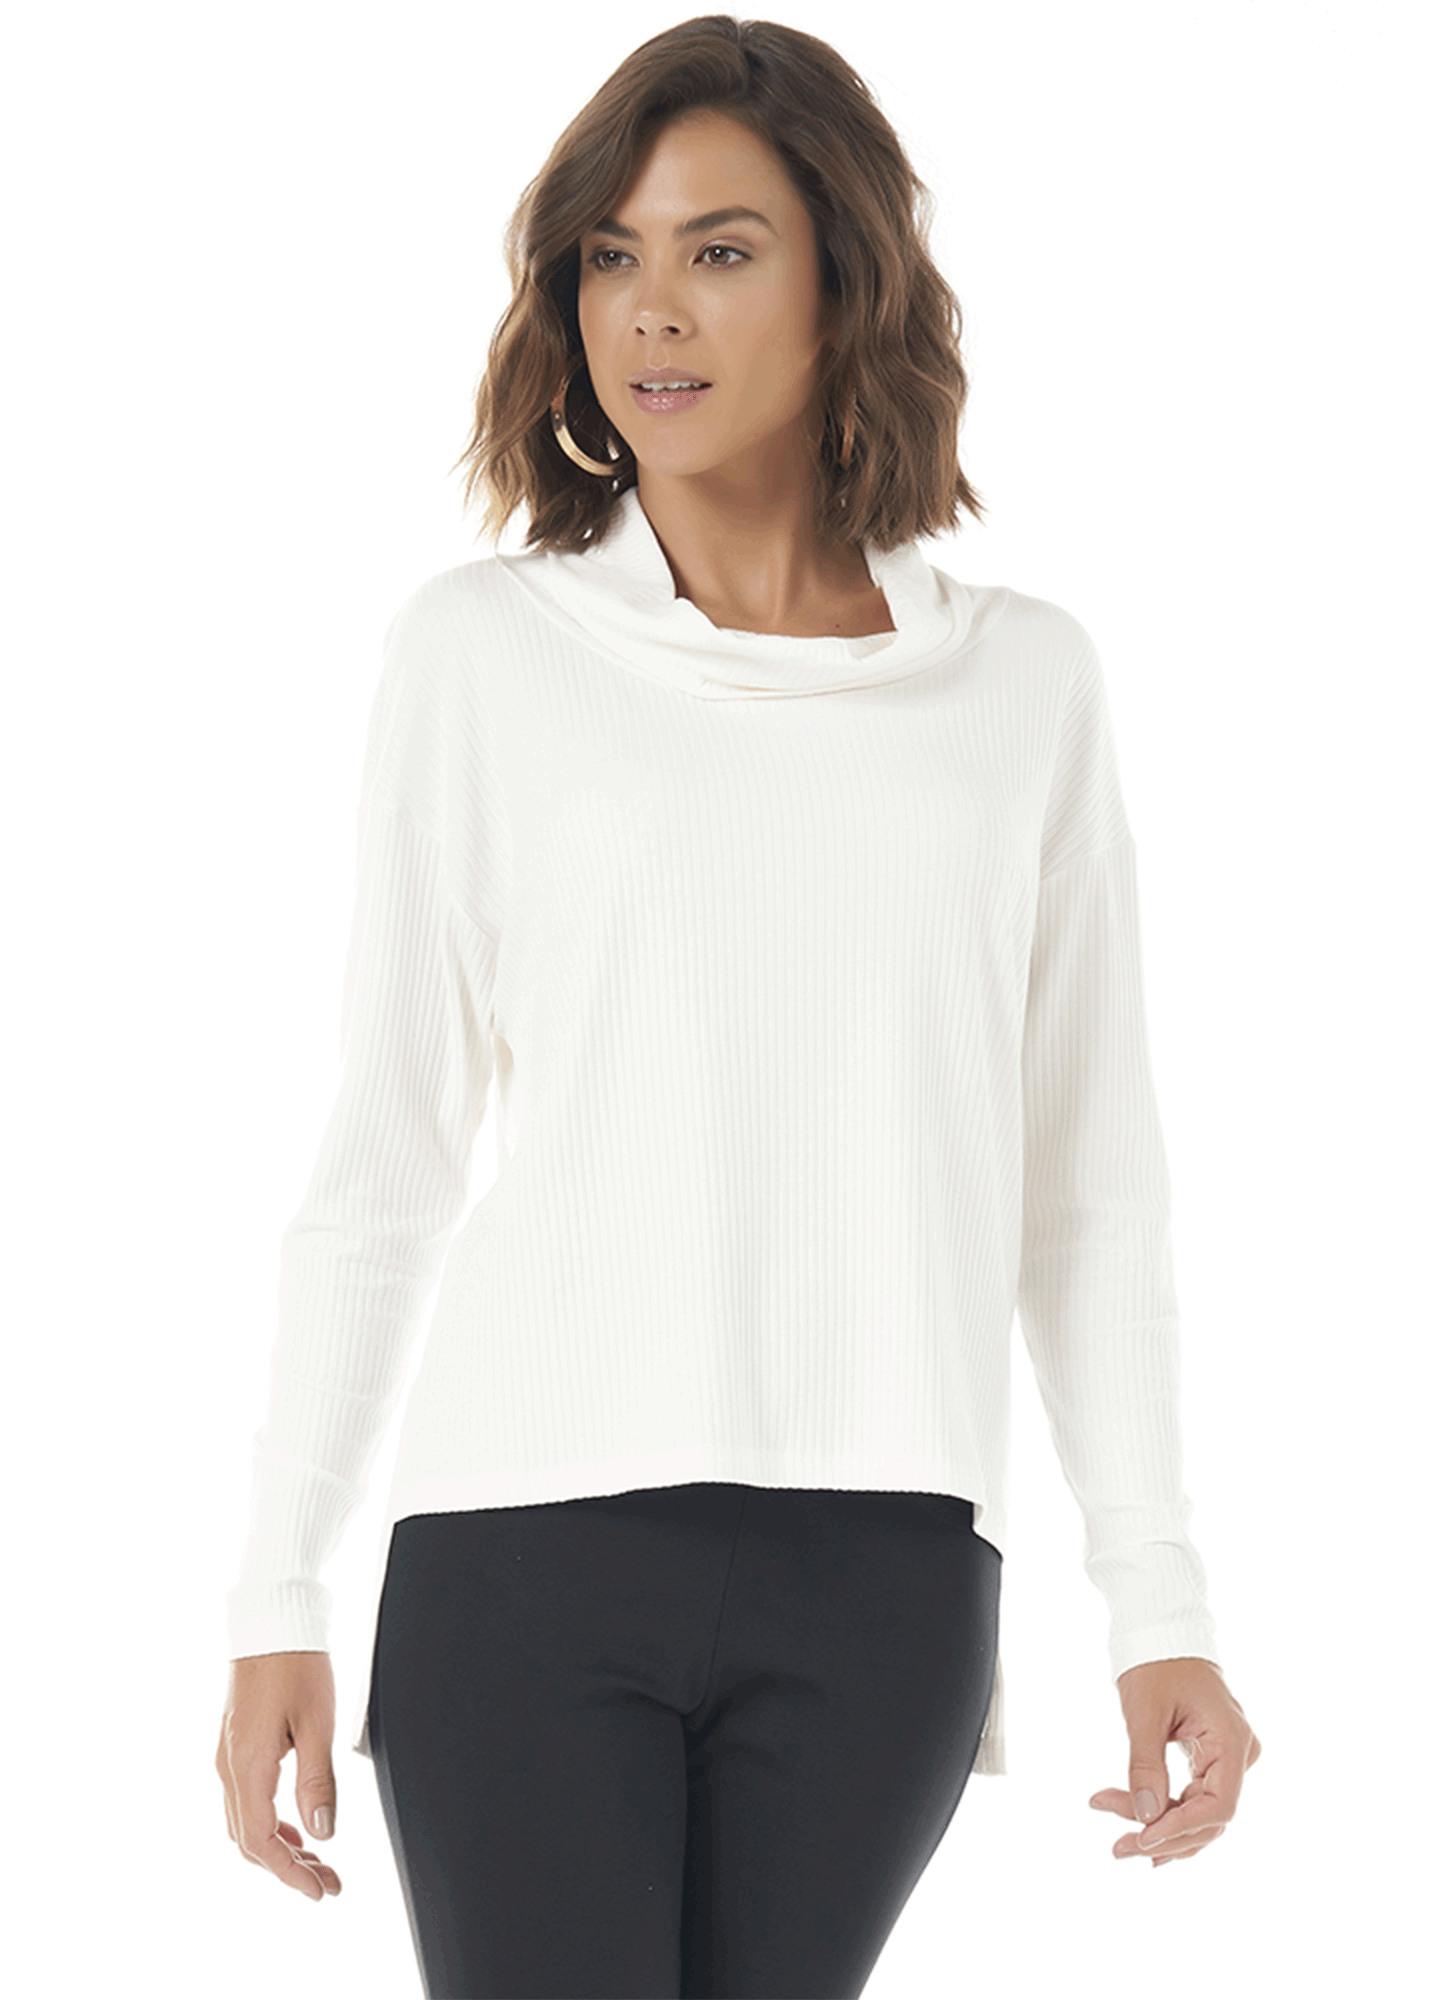 Blusa Feminina Canelada Branca com Gola